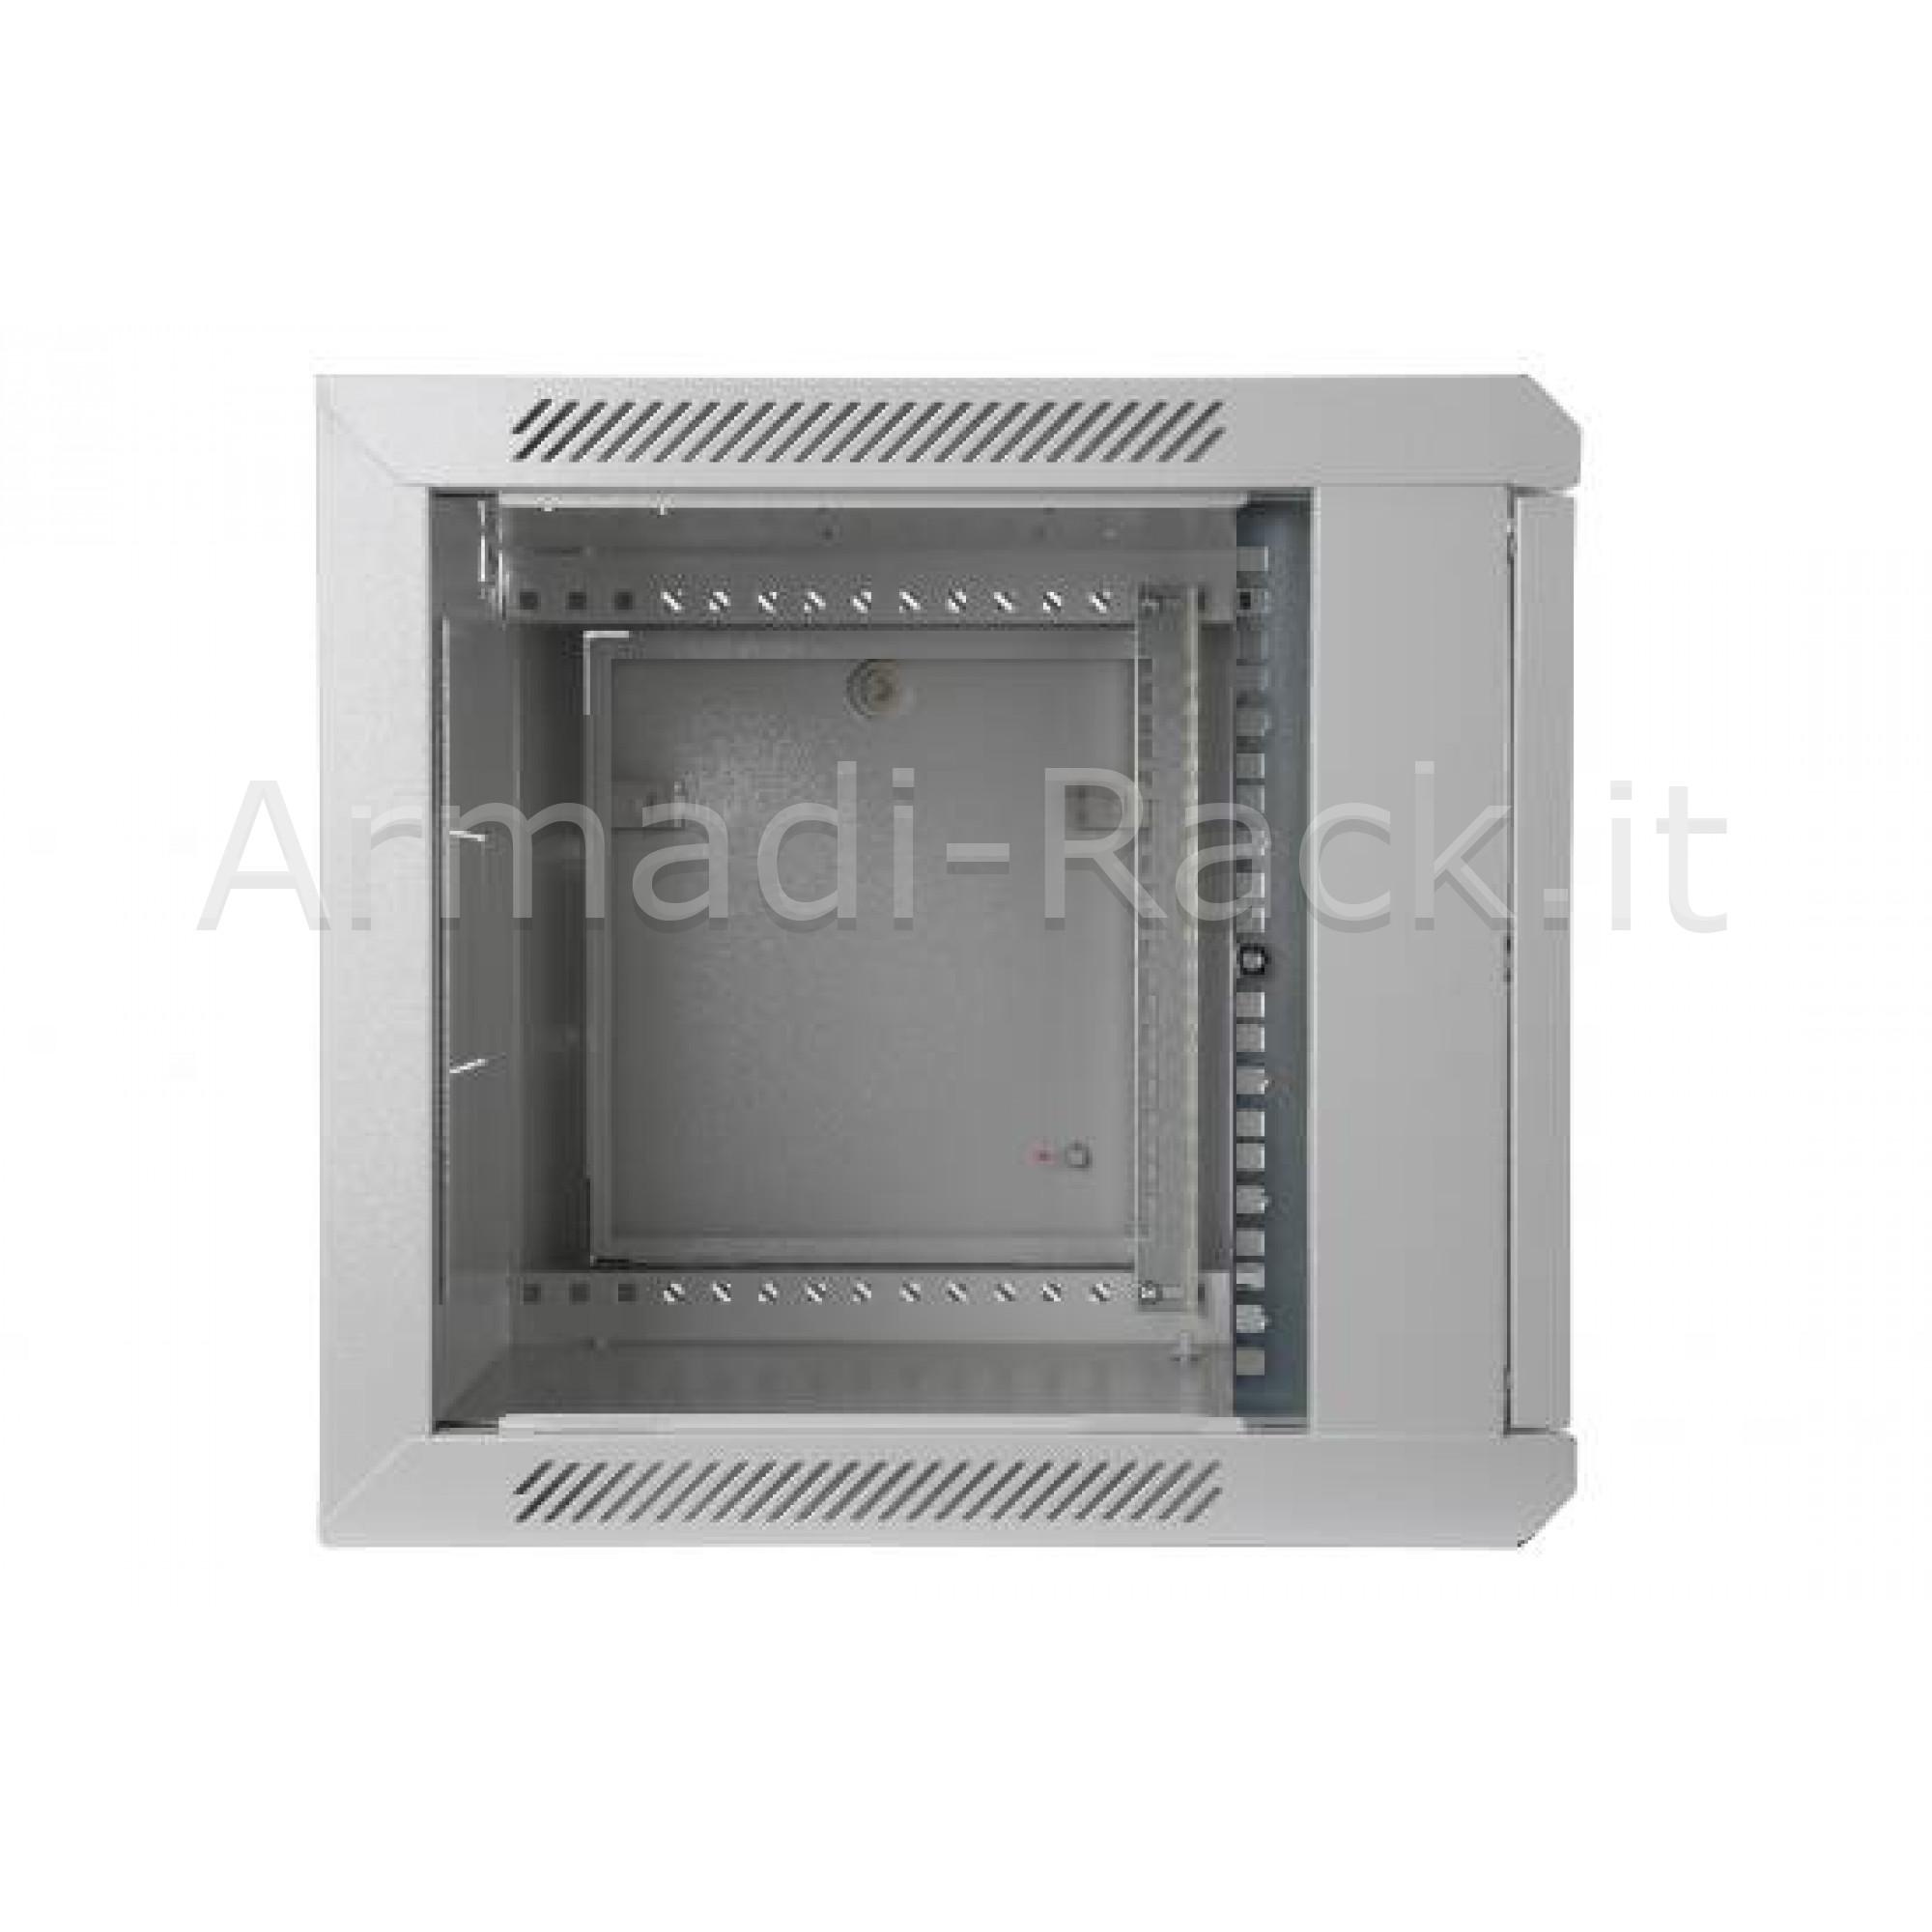 Armadio rack 12 unità da muro linea soho (a) 638 x (l) 600 x (p) 450 mm. colore grigio chiaro RAL 7035